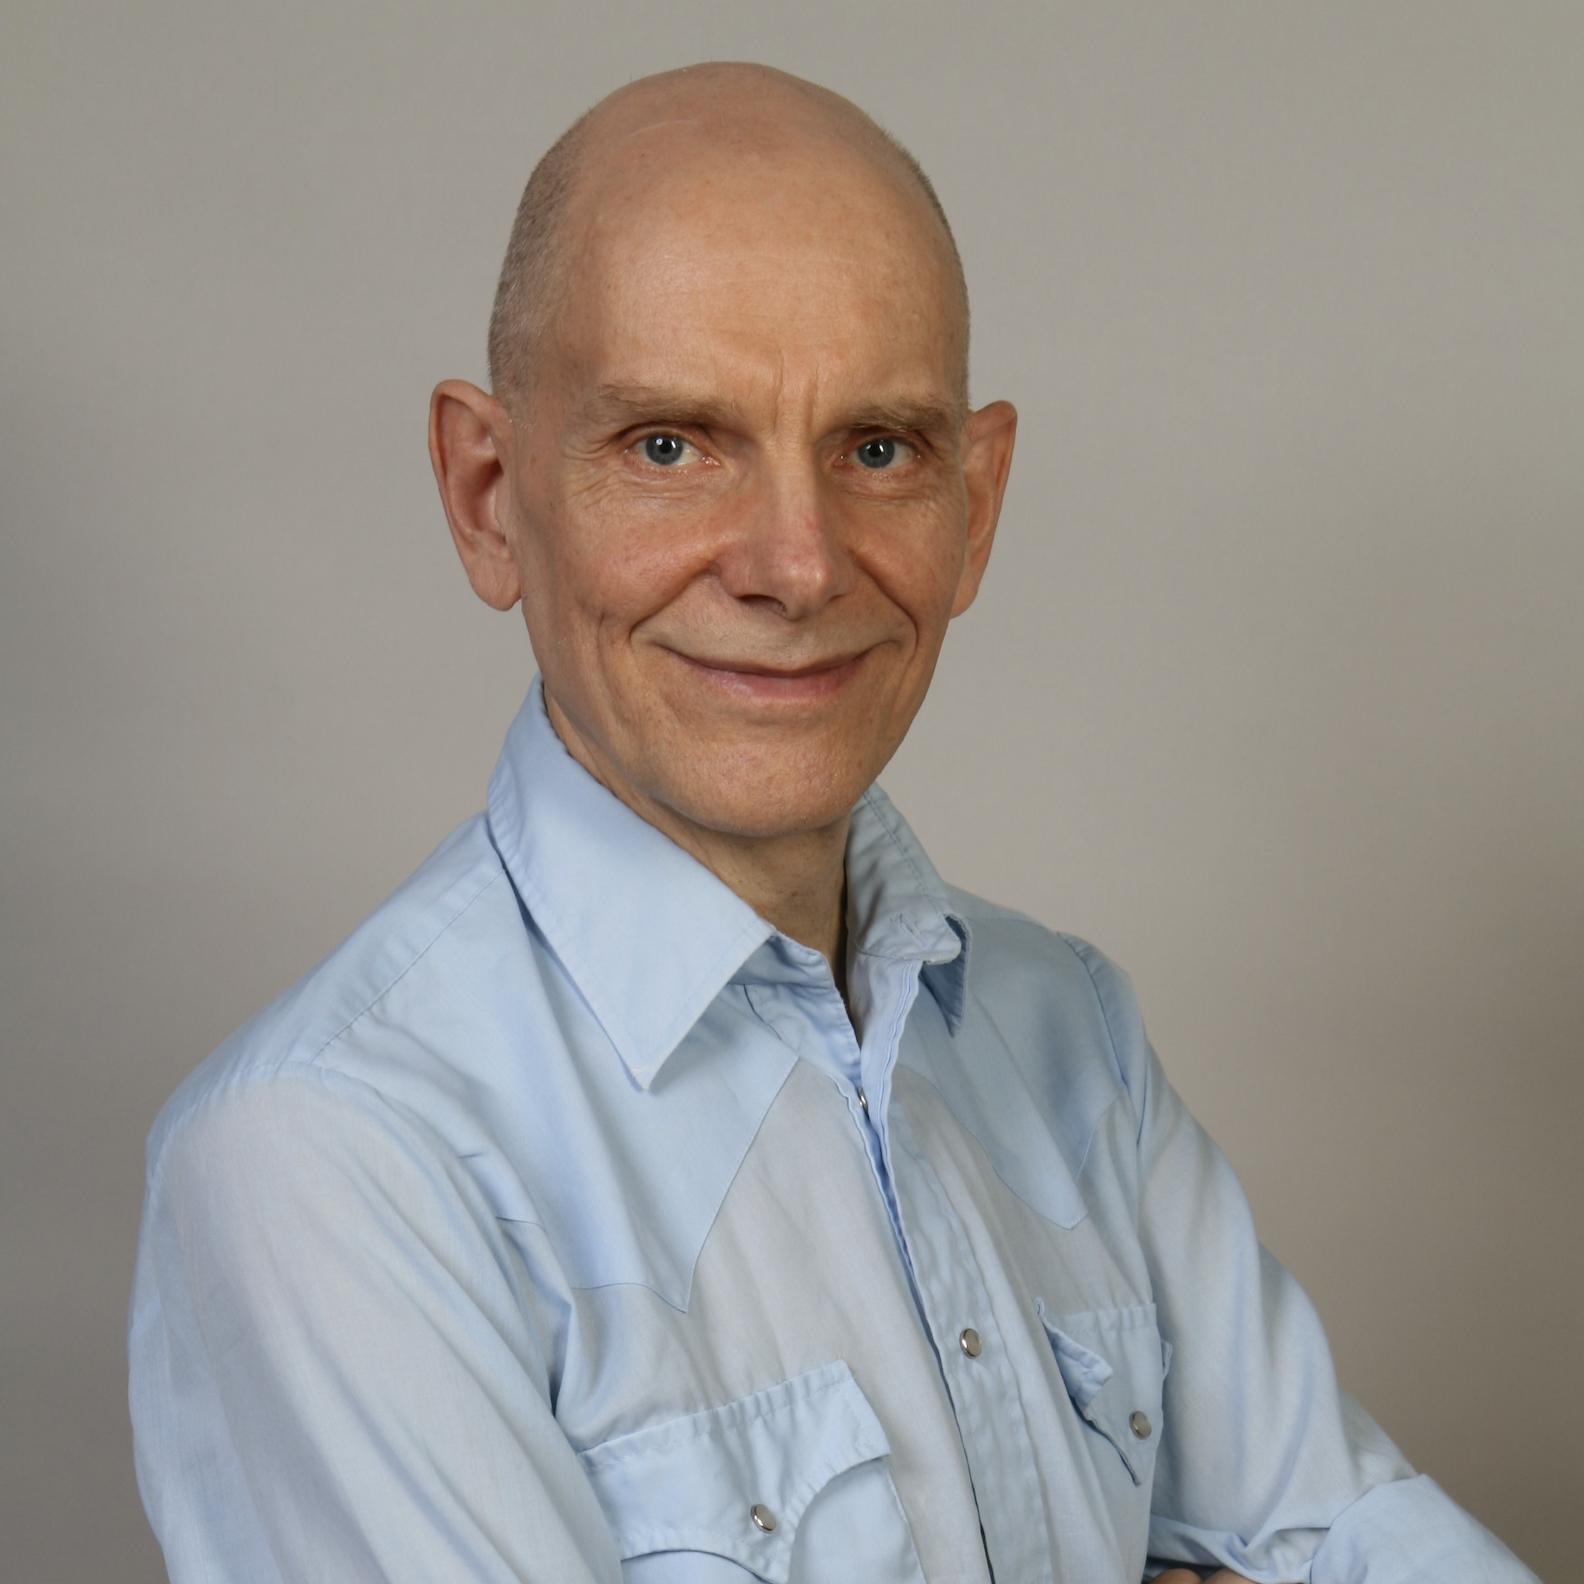 Peter Voss